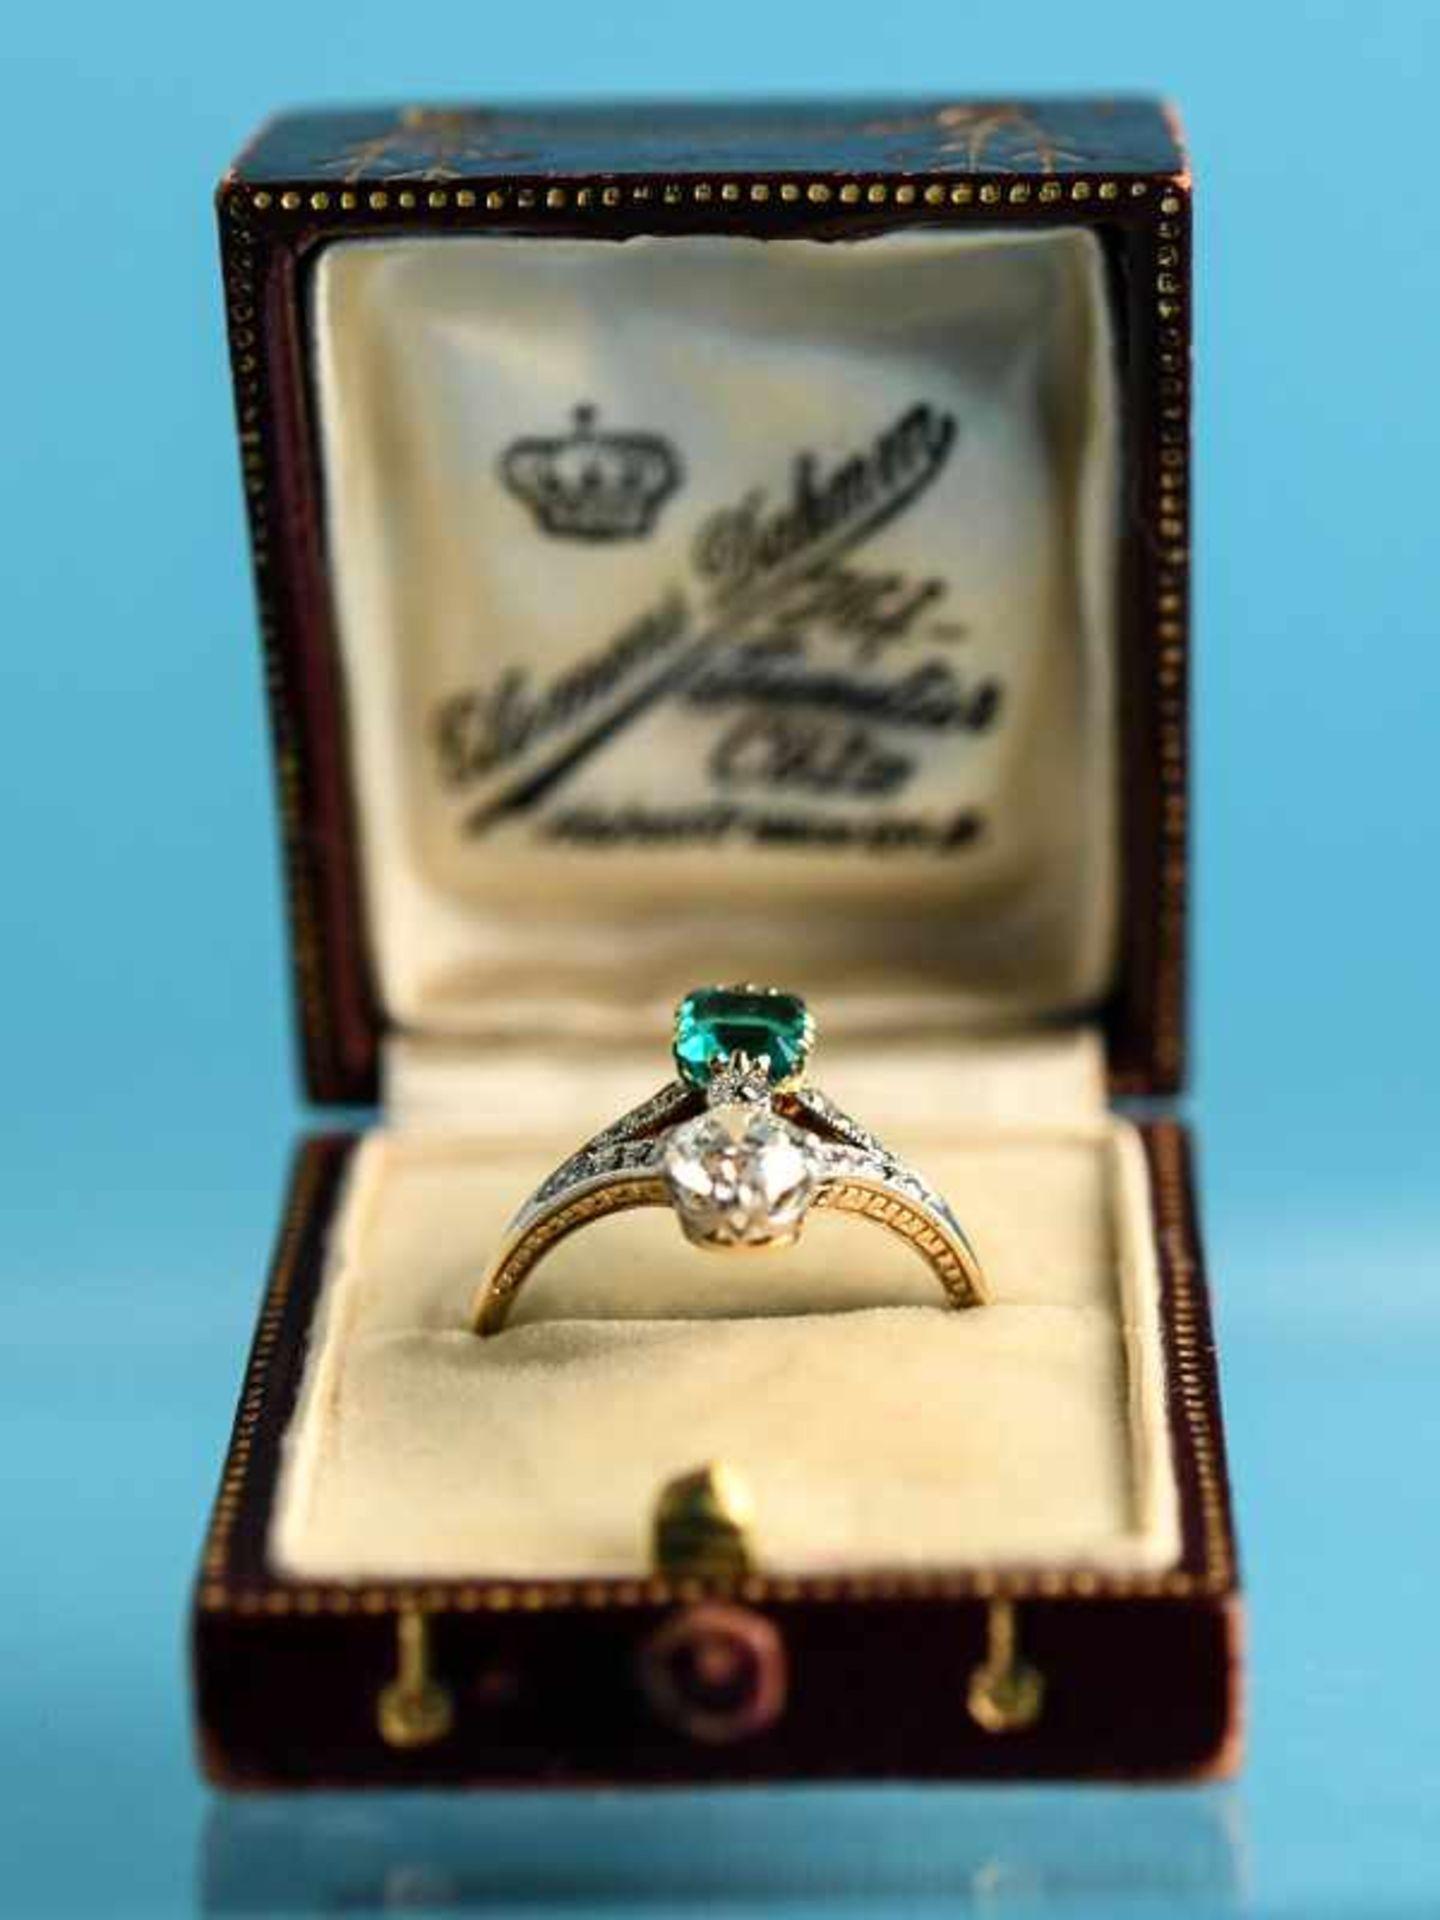 Hochwertiger Art Deco Ring mit Smaragd ca. 0,6 ct, Altschliff-Diamant ca. 0,65 ct und 19 kleinen